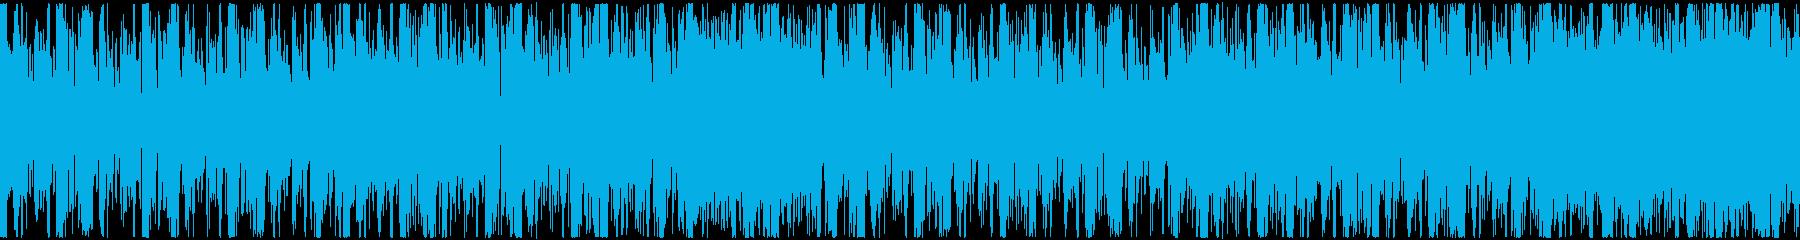 ゲームキャラ選択画面等 ロック風 ループの再生済みの波形